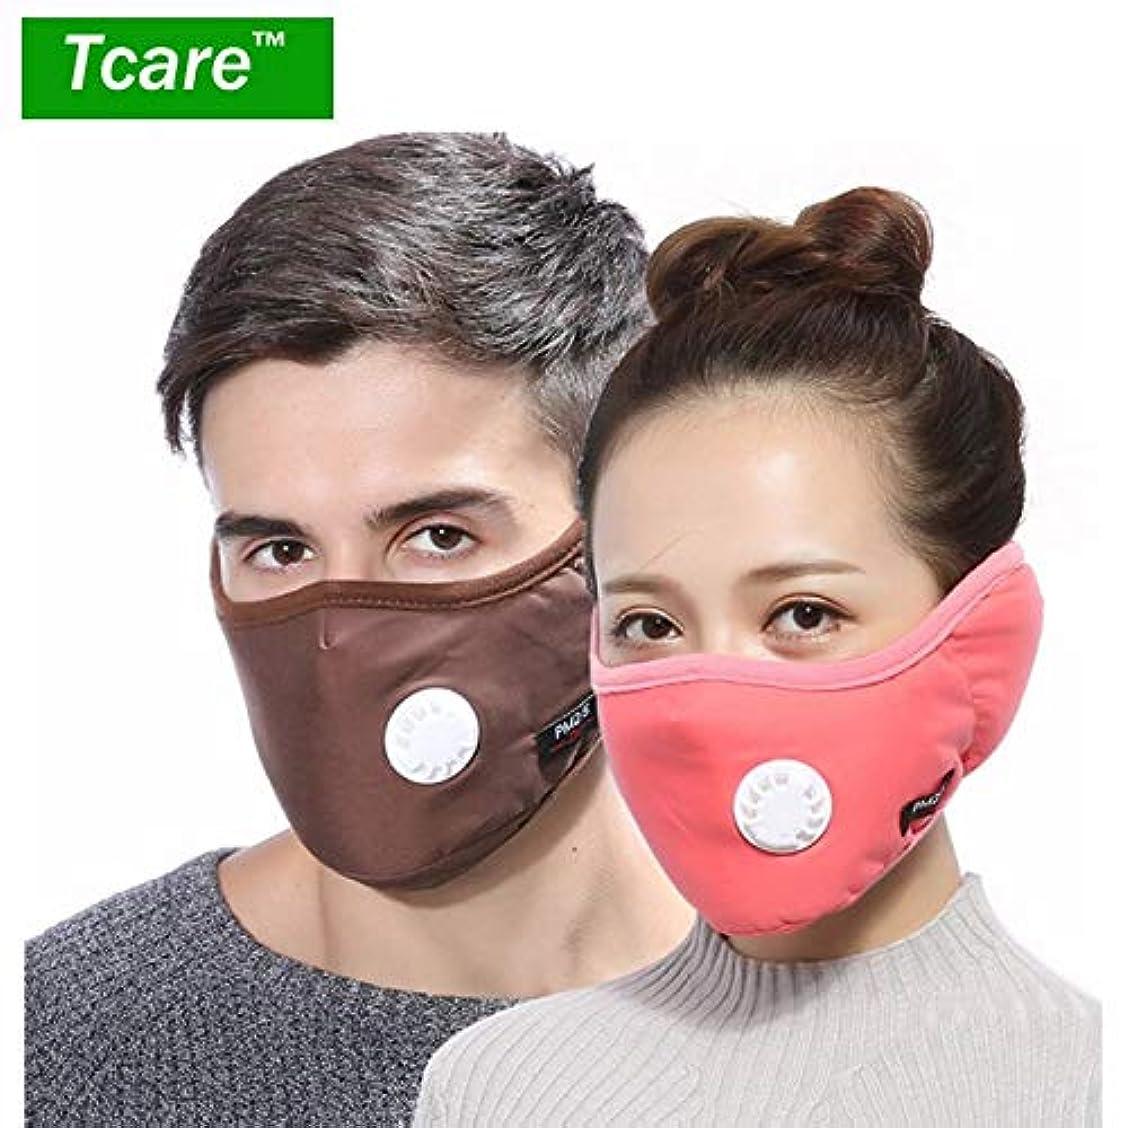 知覚する常習者裁判官1ブラック:1 PM2.5マスクバルブコットンアンチダスト口マスクの冬のイヤーマフActtedフィルター付マスクでTcare 2